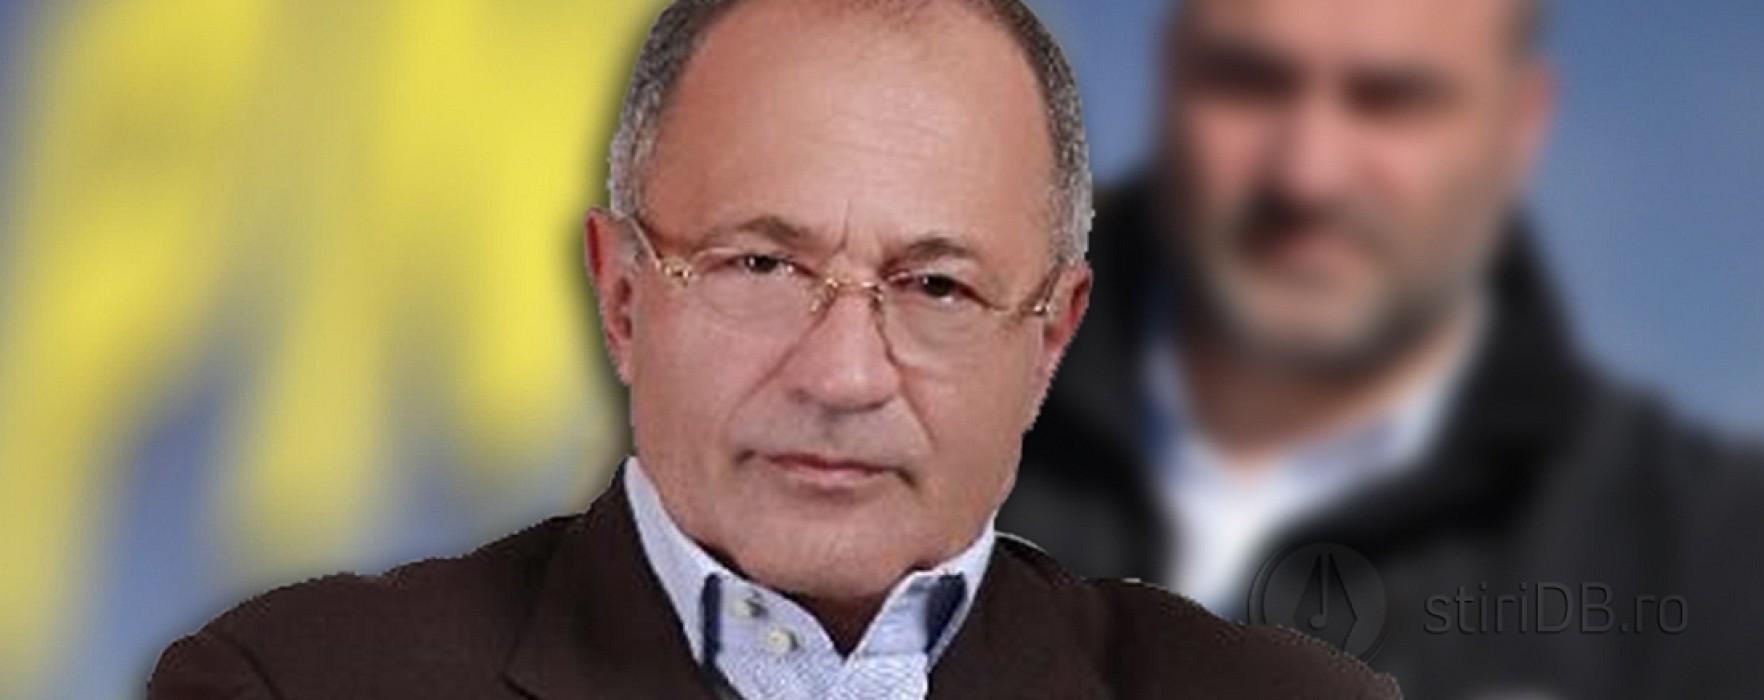 Sorin Roşca Stănescu: Mihail Volintiru încearcă să pună presiune să nu fie demis